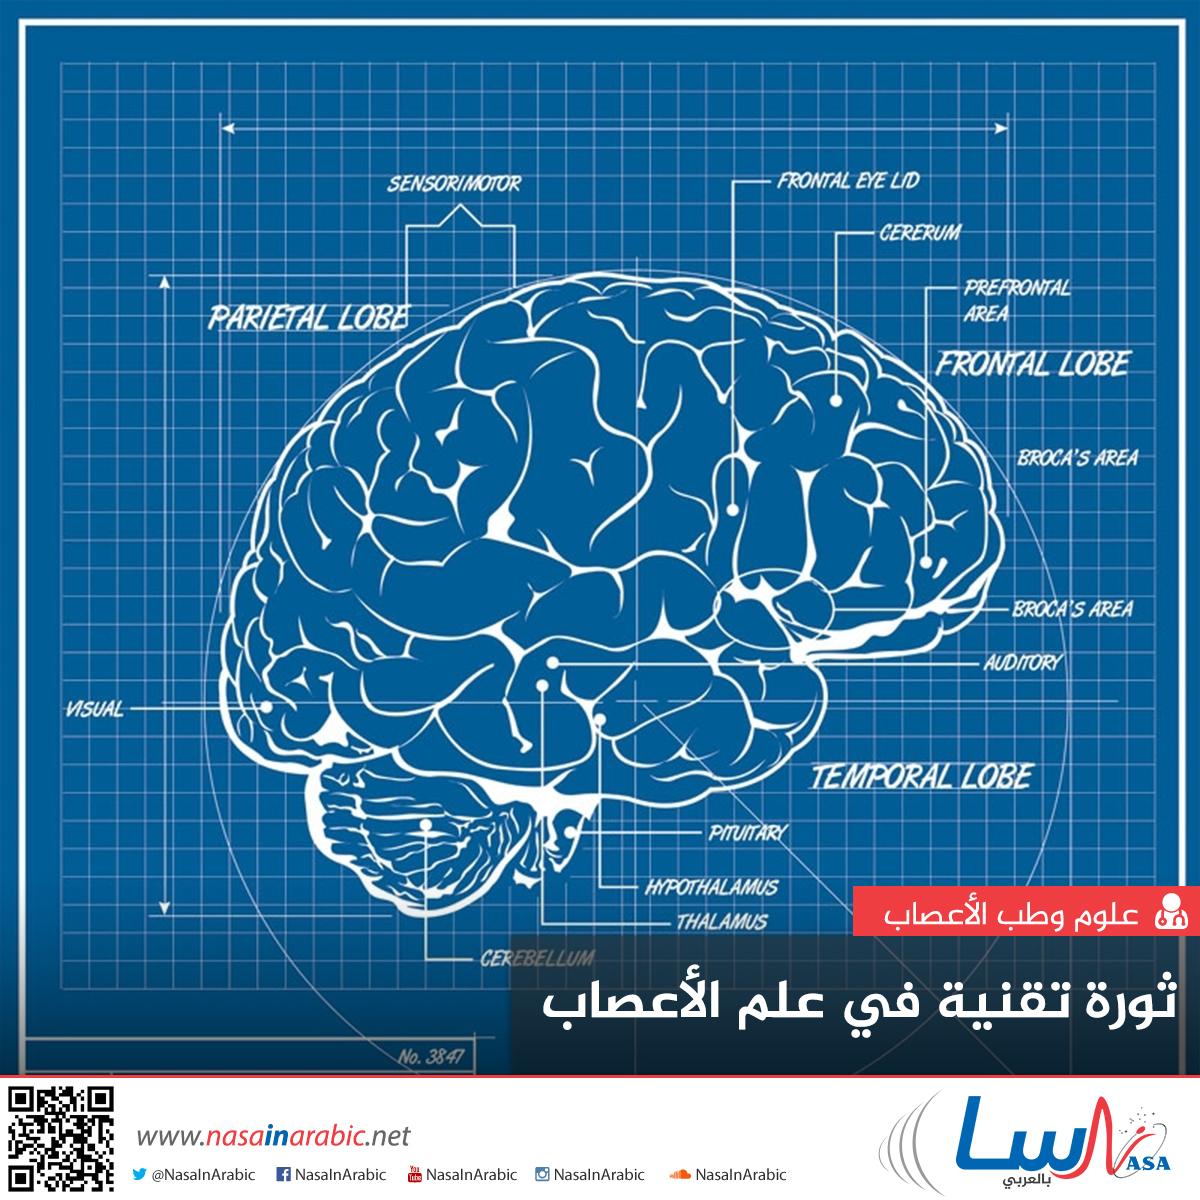 ثورة تقنية في علم الأعصاب